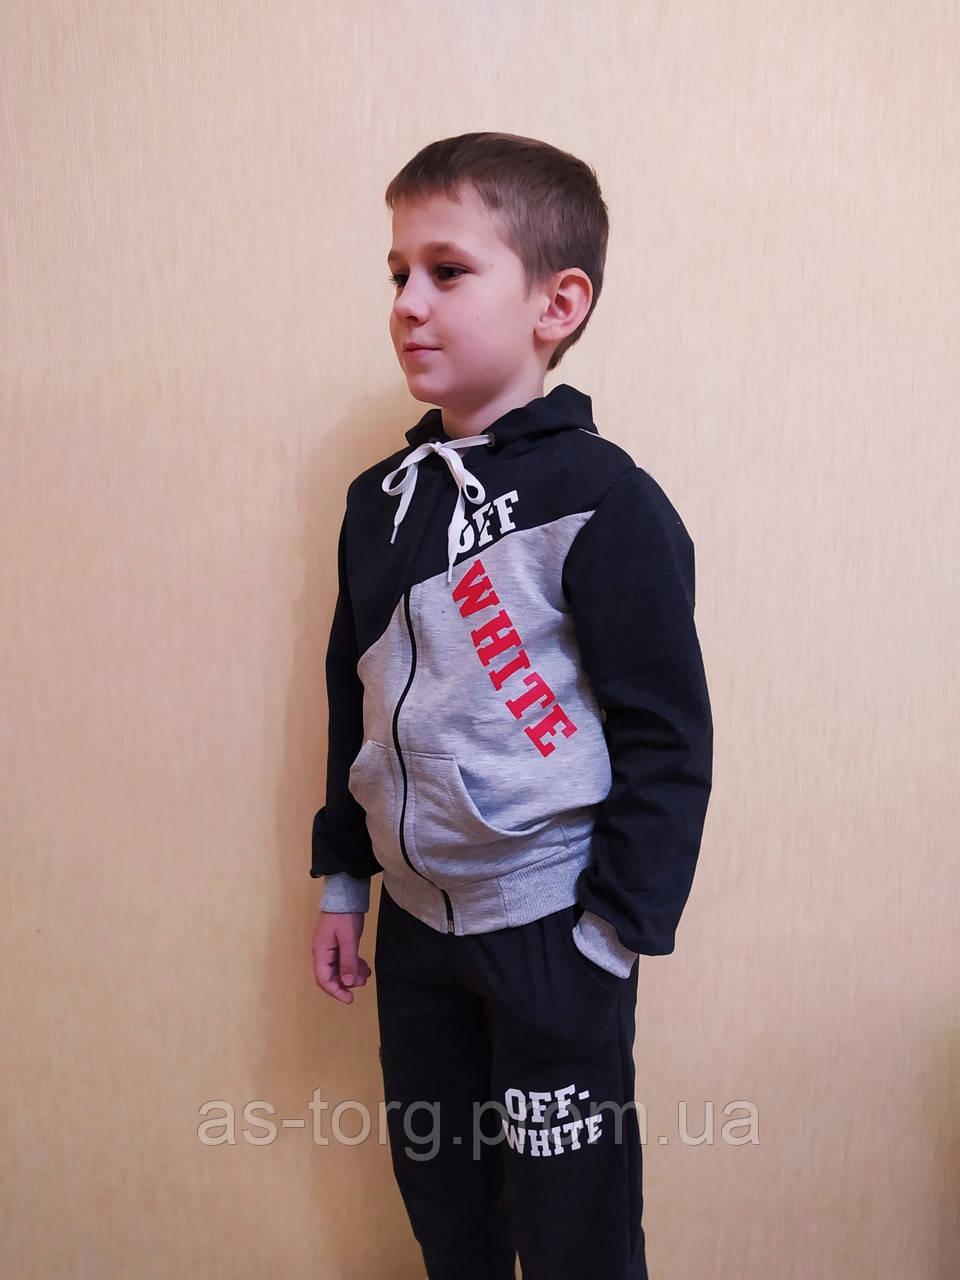 Спортивный костюм для мальчика подростка OFF Wite